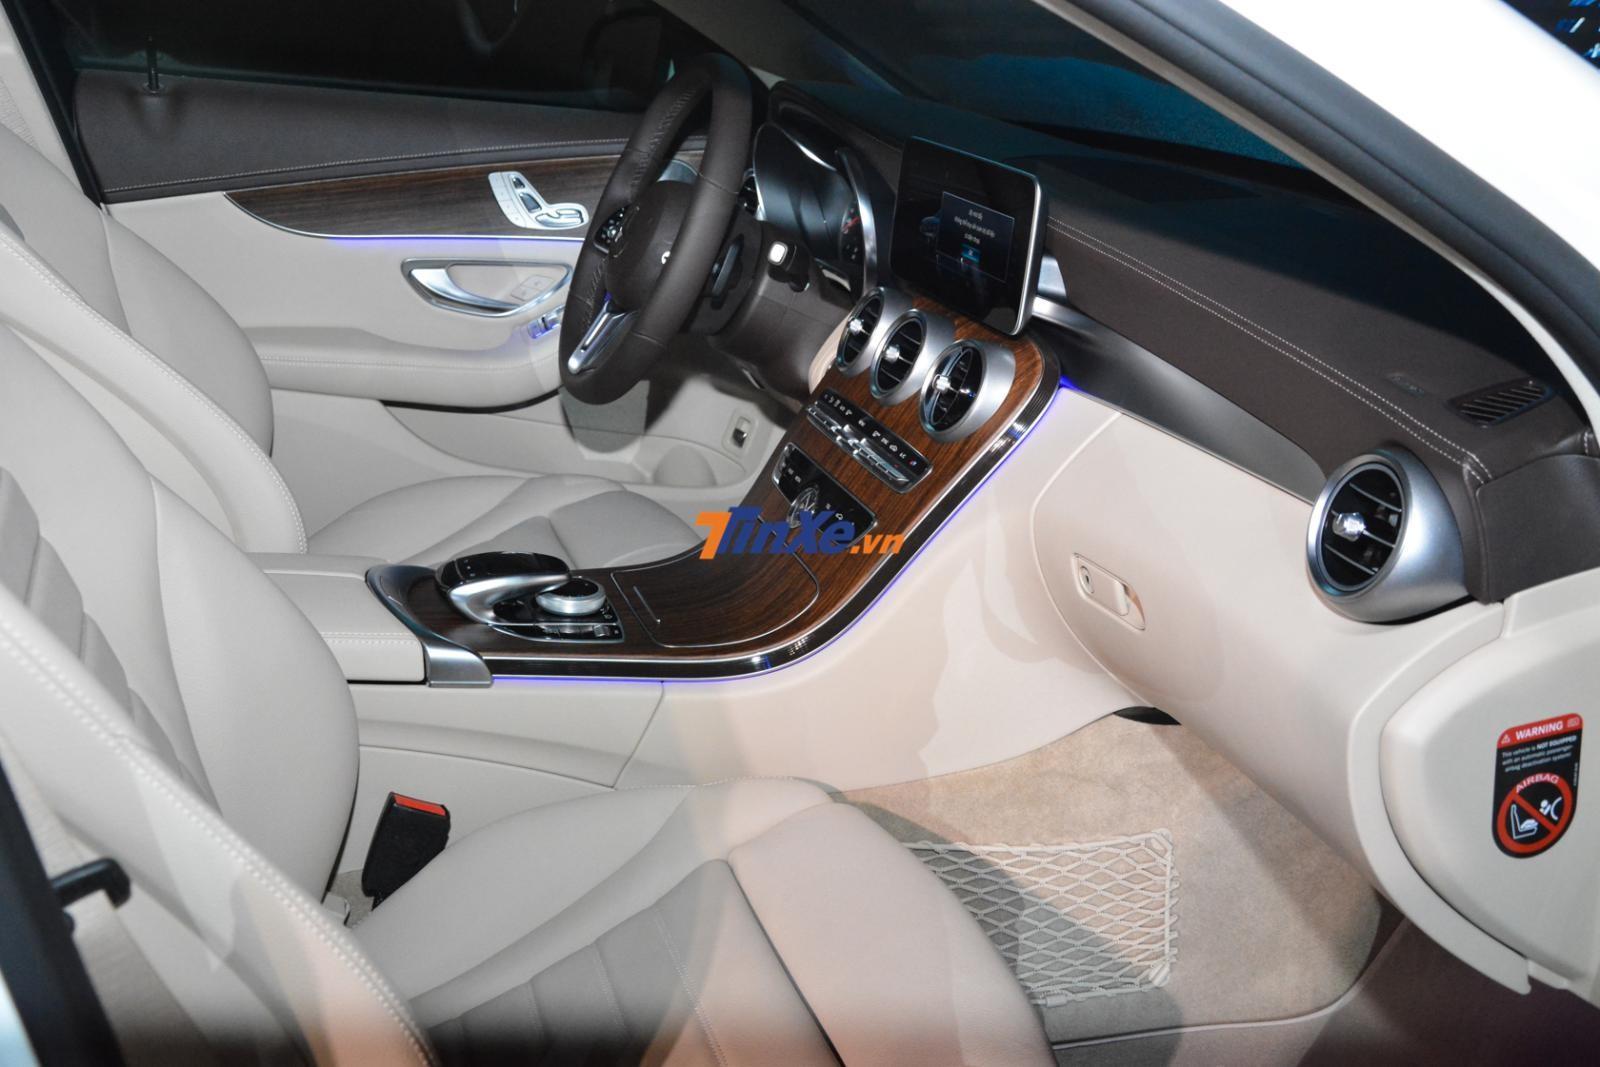 Cận cảnh khoang lái Mercedes-Benz C200 Exclusive 2019 phía trước